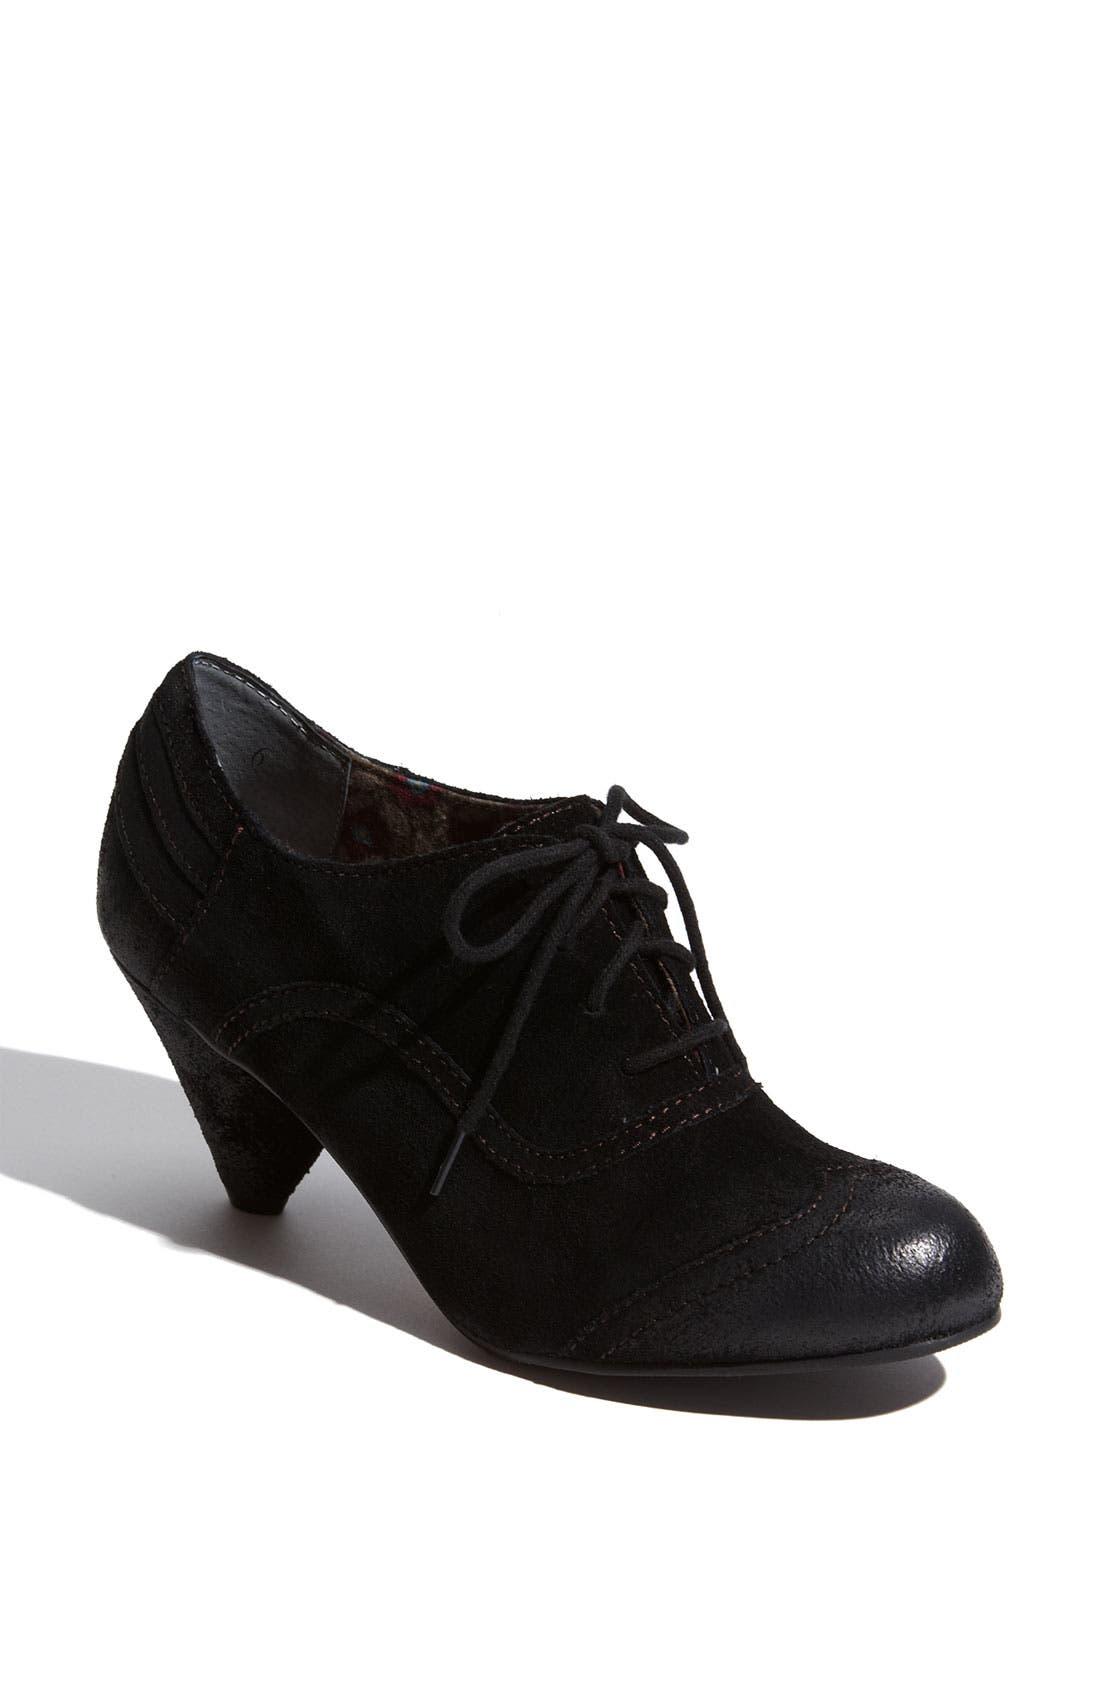 Main Image - BC Footwear 'Foil' Oxford Pump